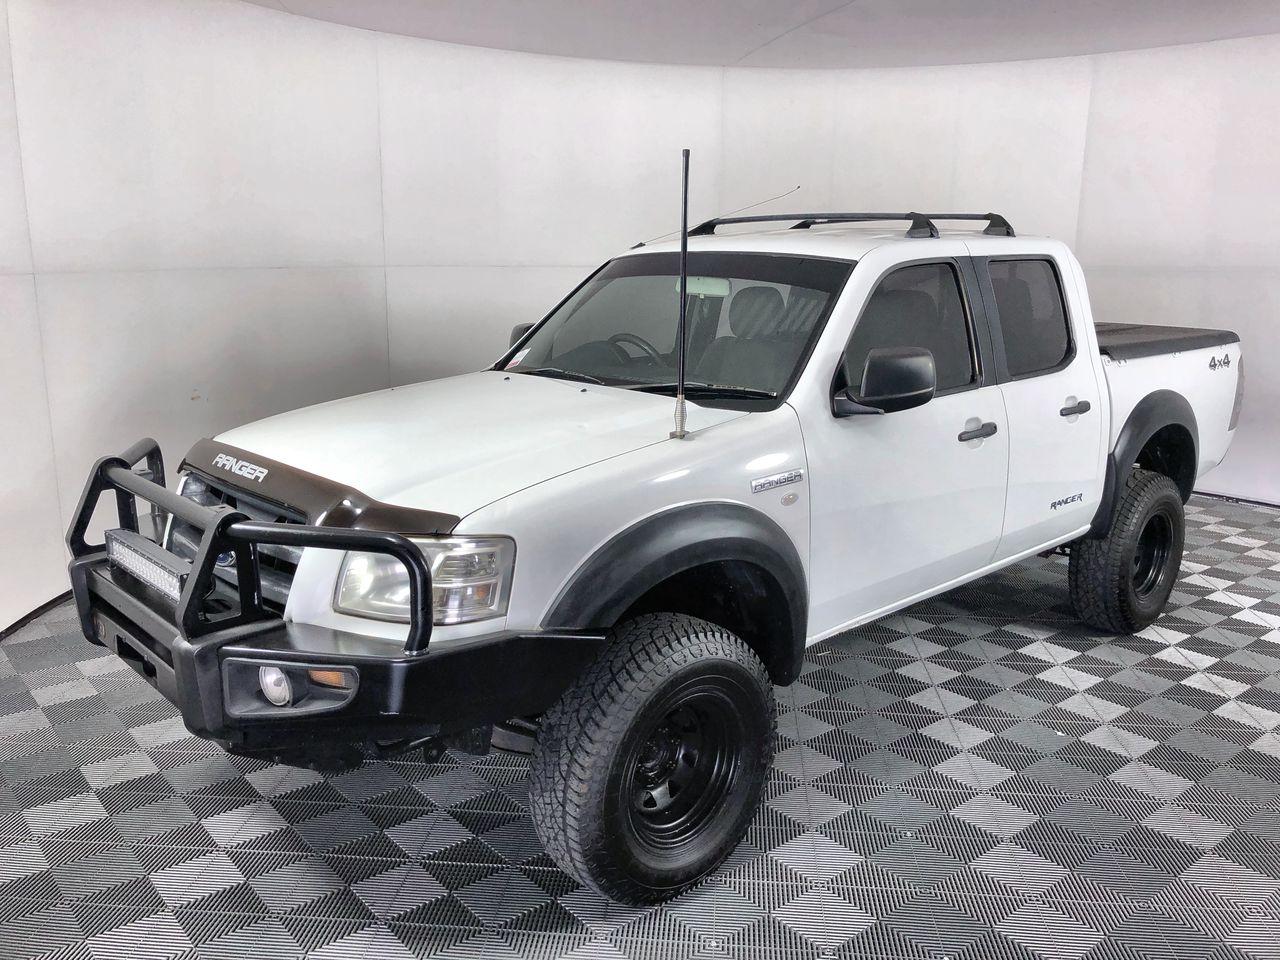 2007 Ford Ranger XL (4x4) PJ Turbo Diesel Dual Cab Chassis, 111,575km